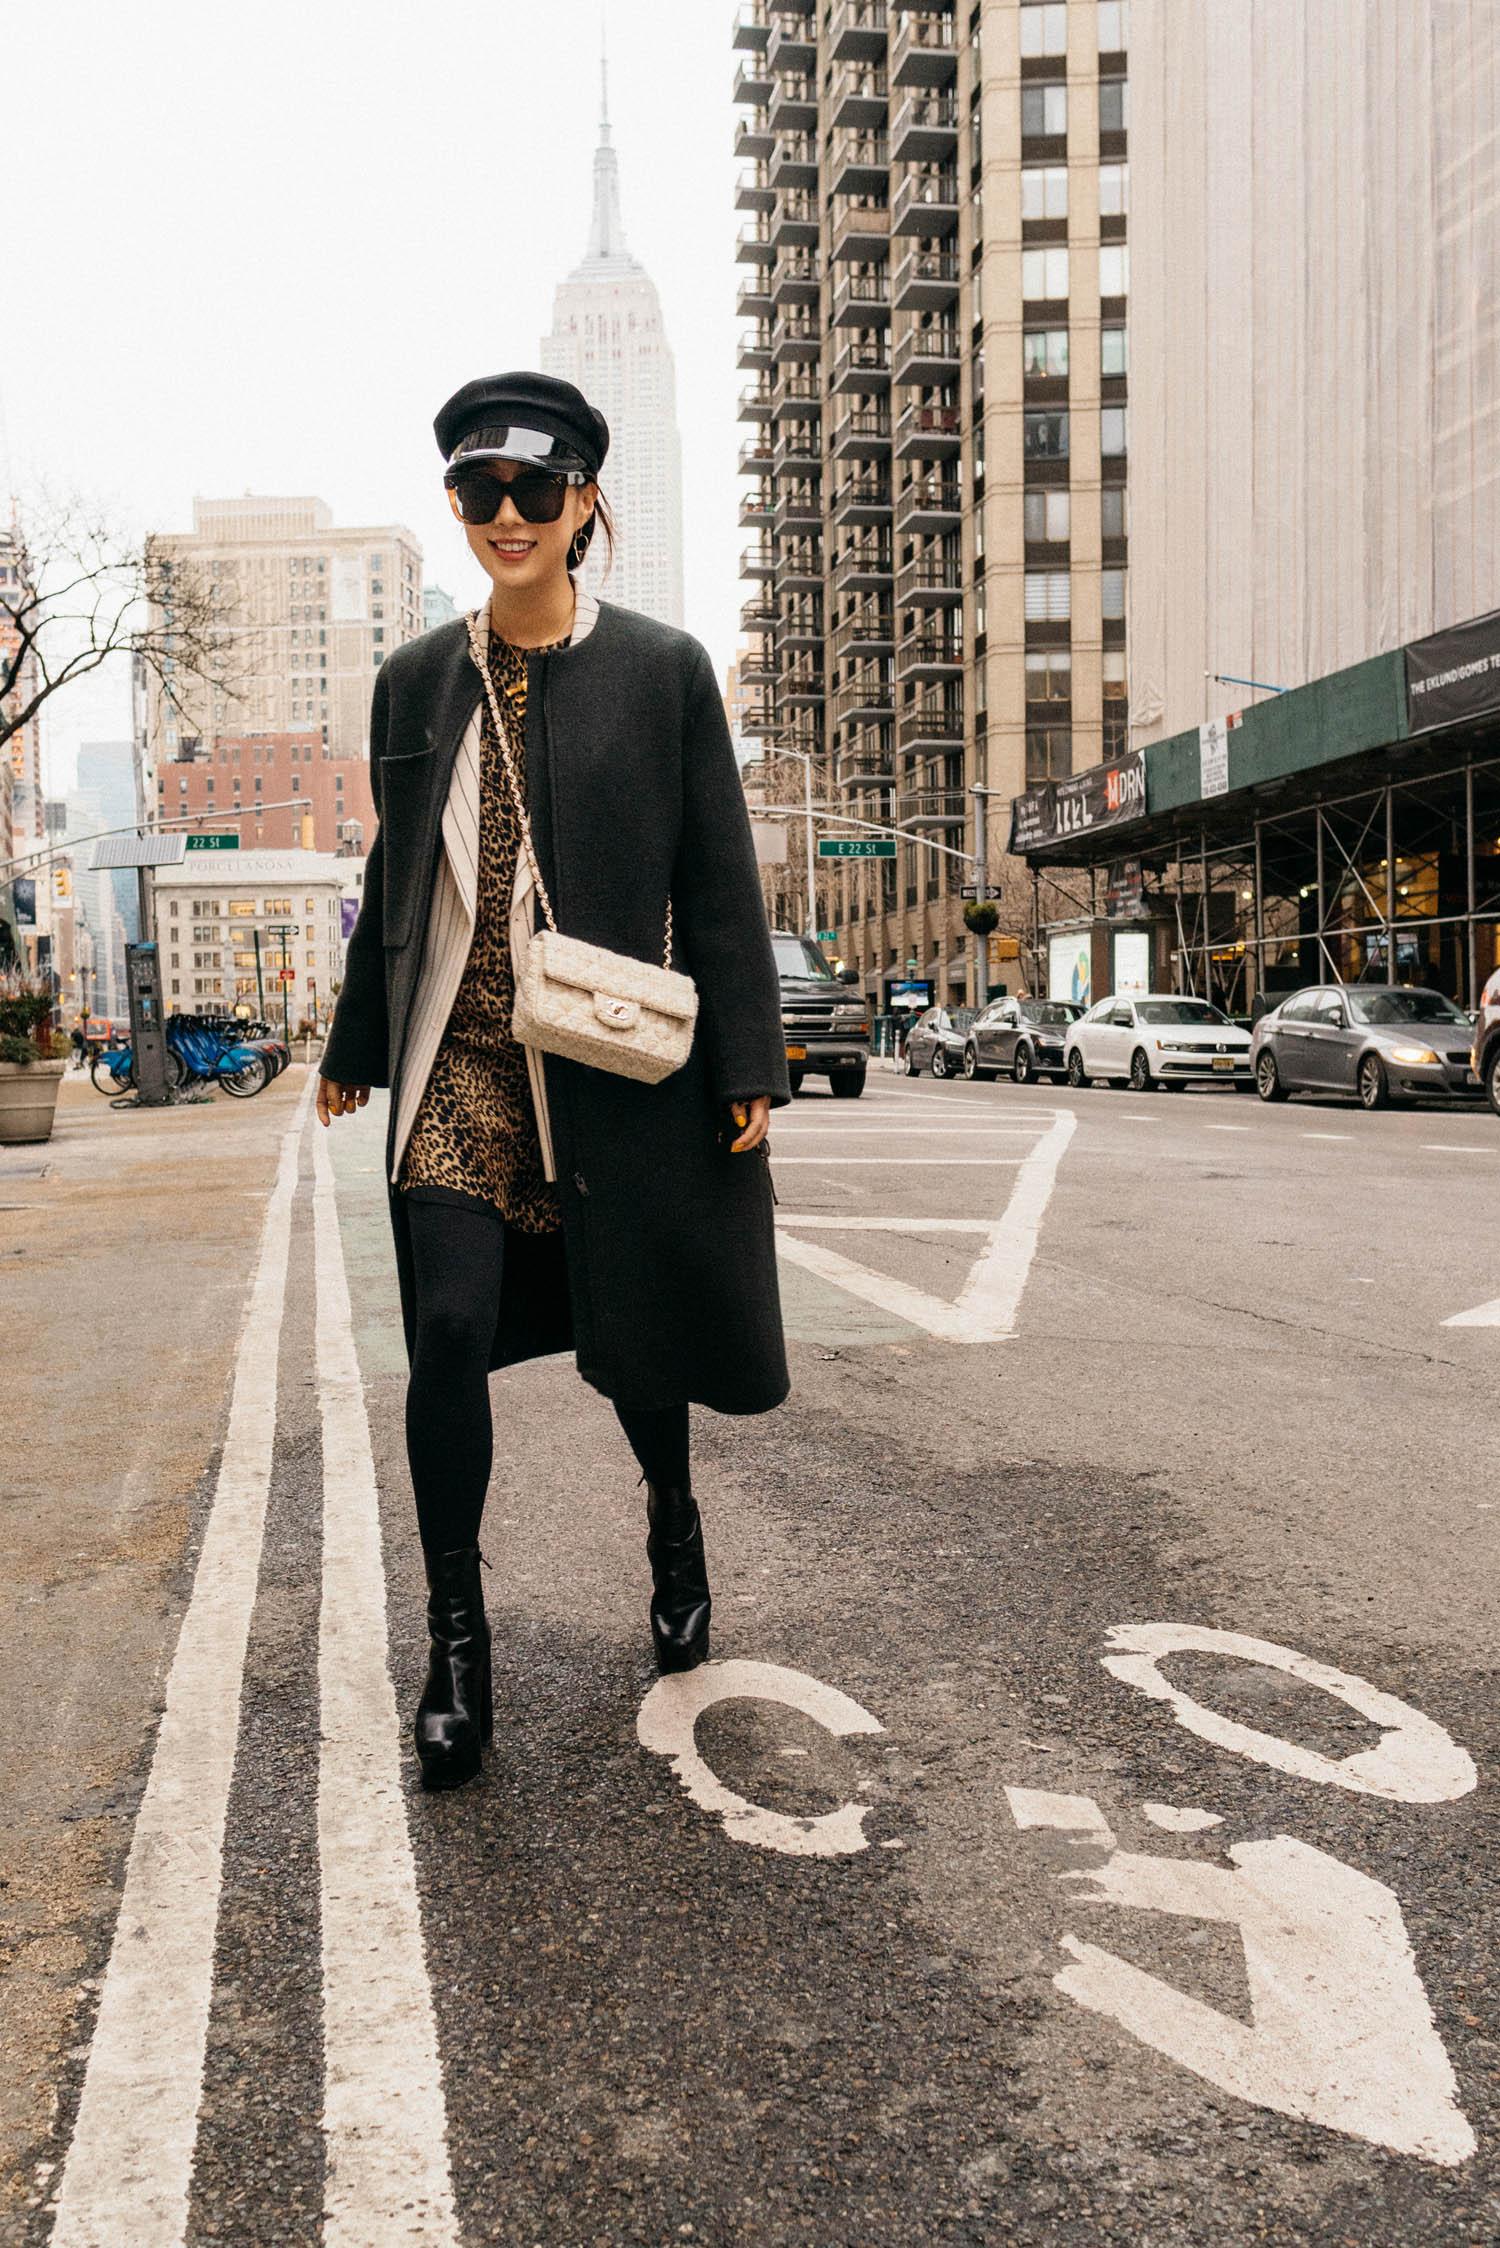 Kuho Coat, Les Coyotes de Paris Blazer, Saint Laurent Dress, Alexander Wang Boots, CHANEL Bag, Gucci Hat, Celine Sunglasses